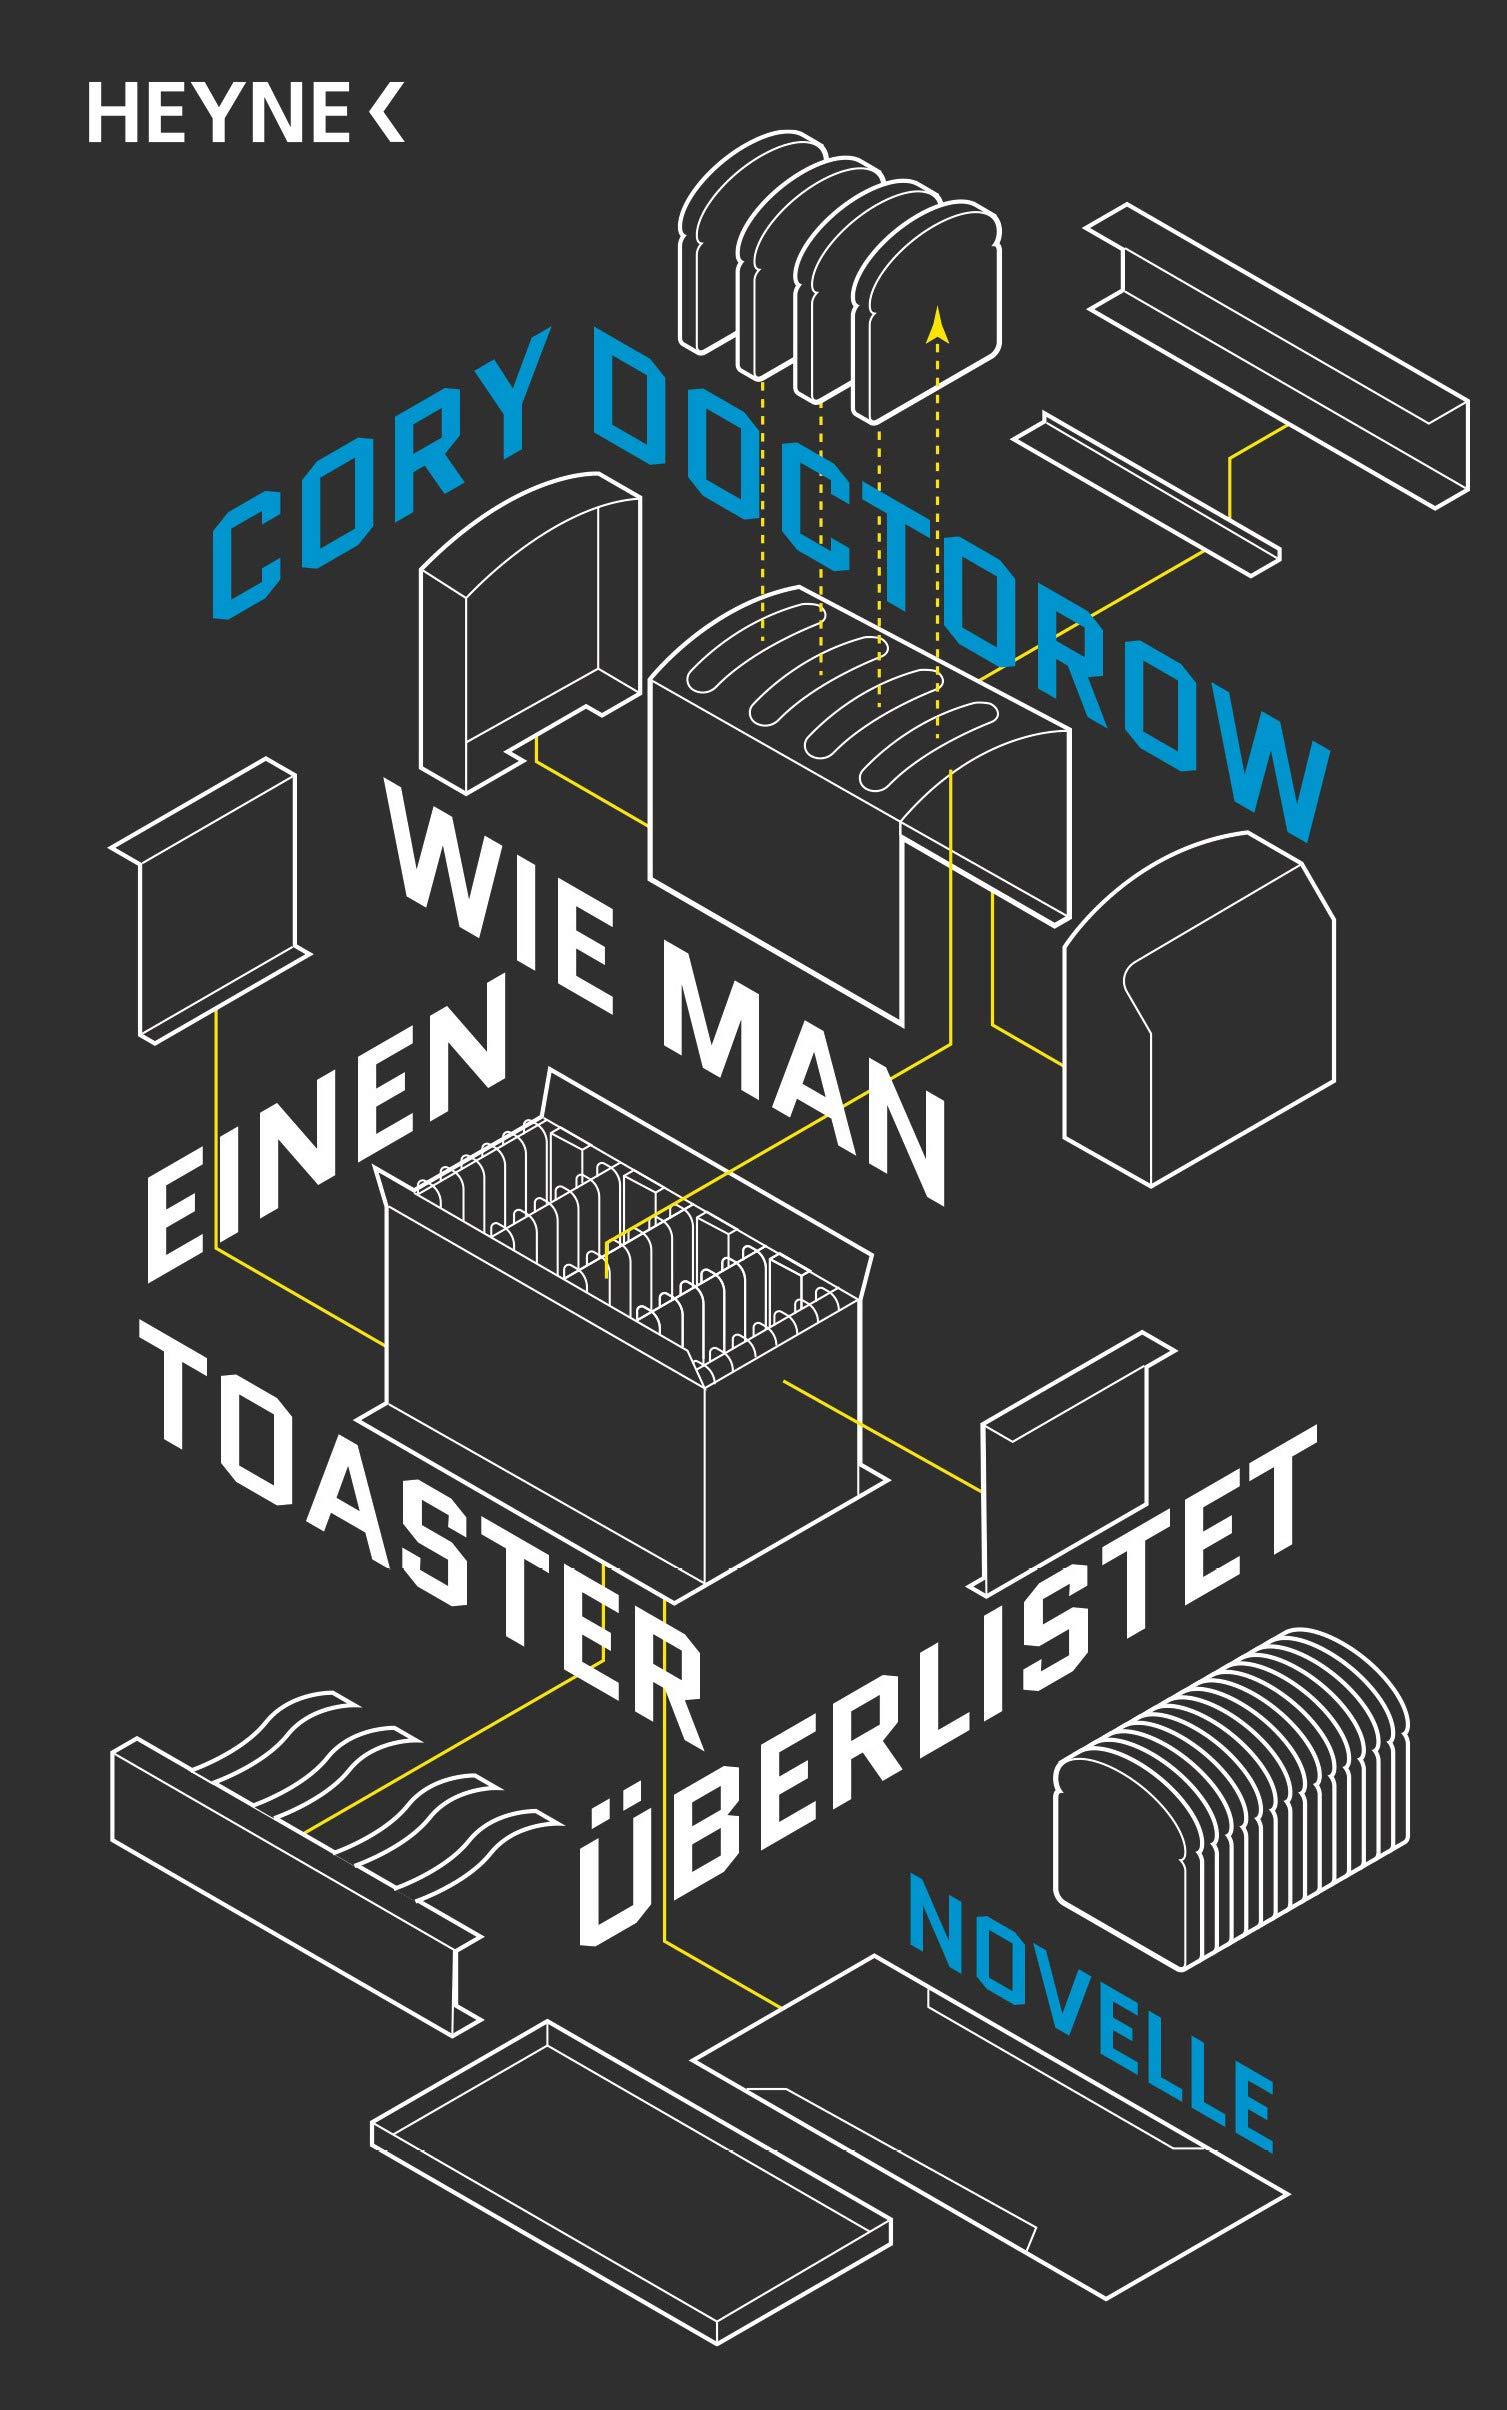 Cory Doctorow - Wie man einen Toaster überlistet. Novelle